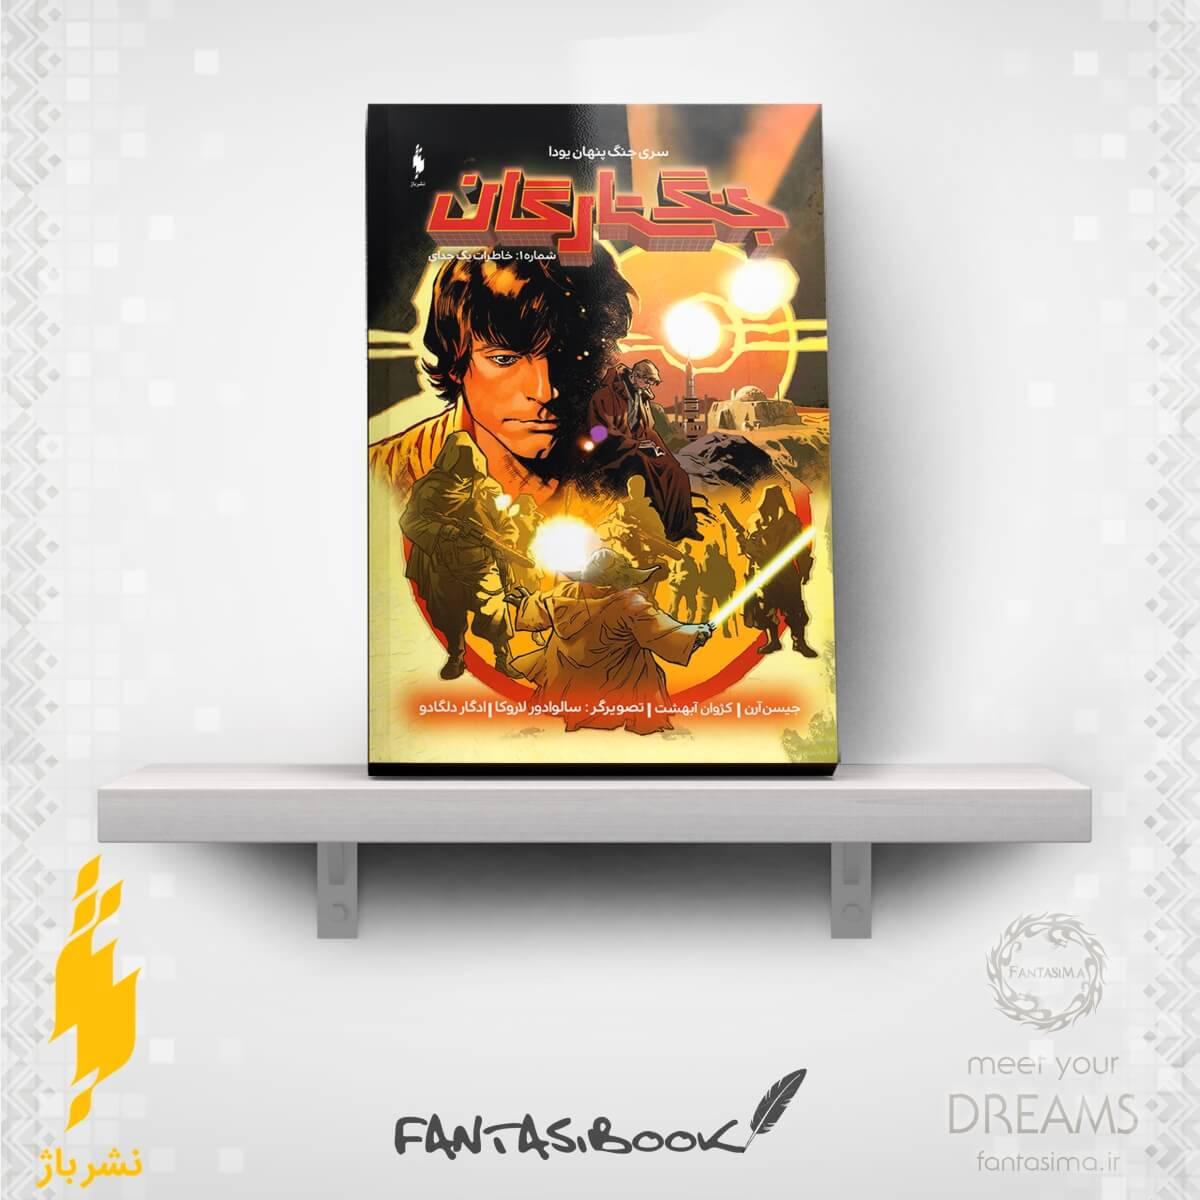 کمیک جنگ ستارگان - جلد 1 - خاطرات یک جدای